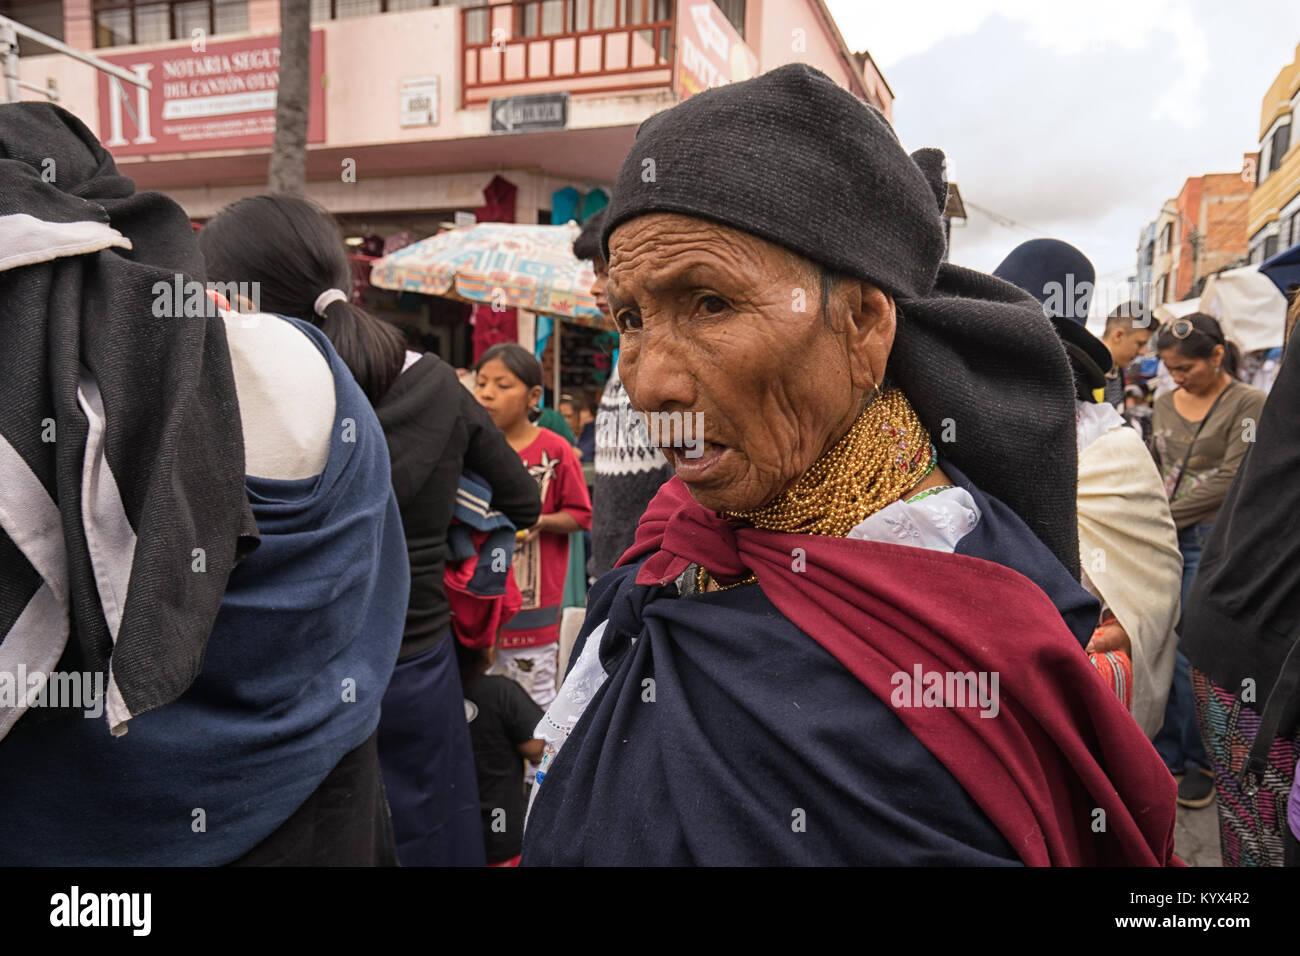 Lexington, Kentucky - 13 janvier 2018: une femme quechua marcher à travers e samedi marché artisanal Photo Stock